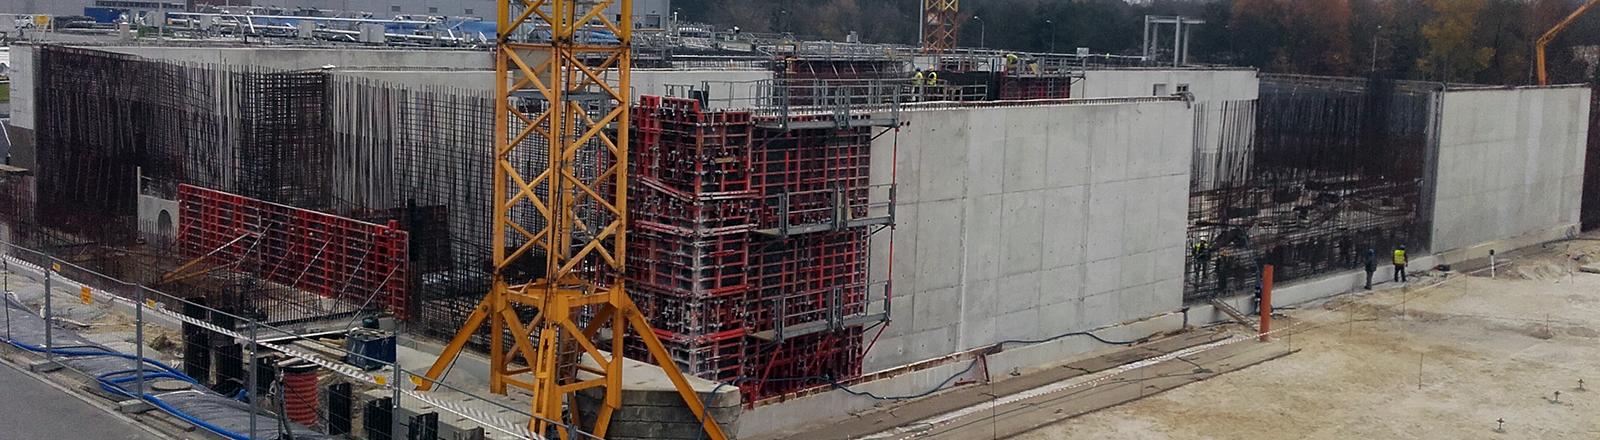 Budowa obiektów przemysłowych